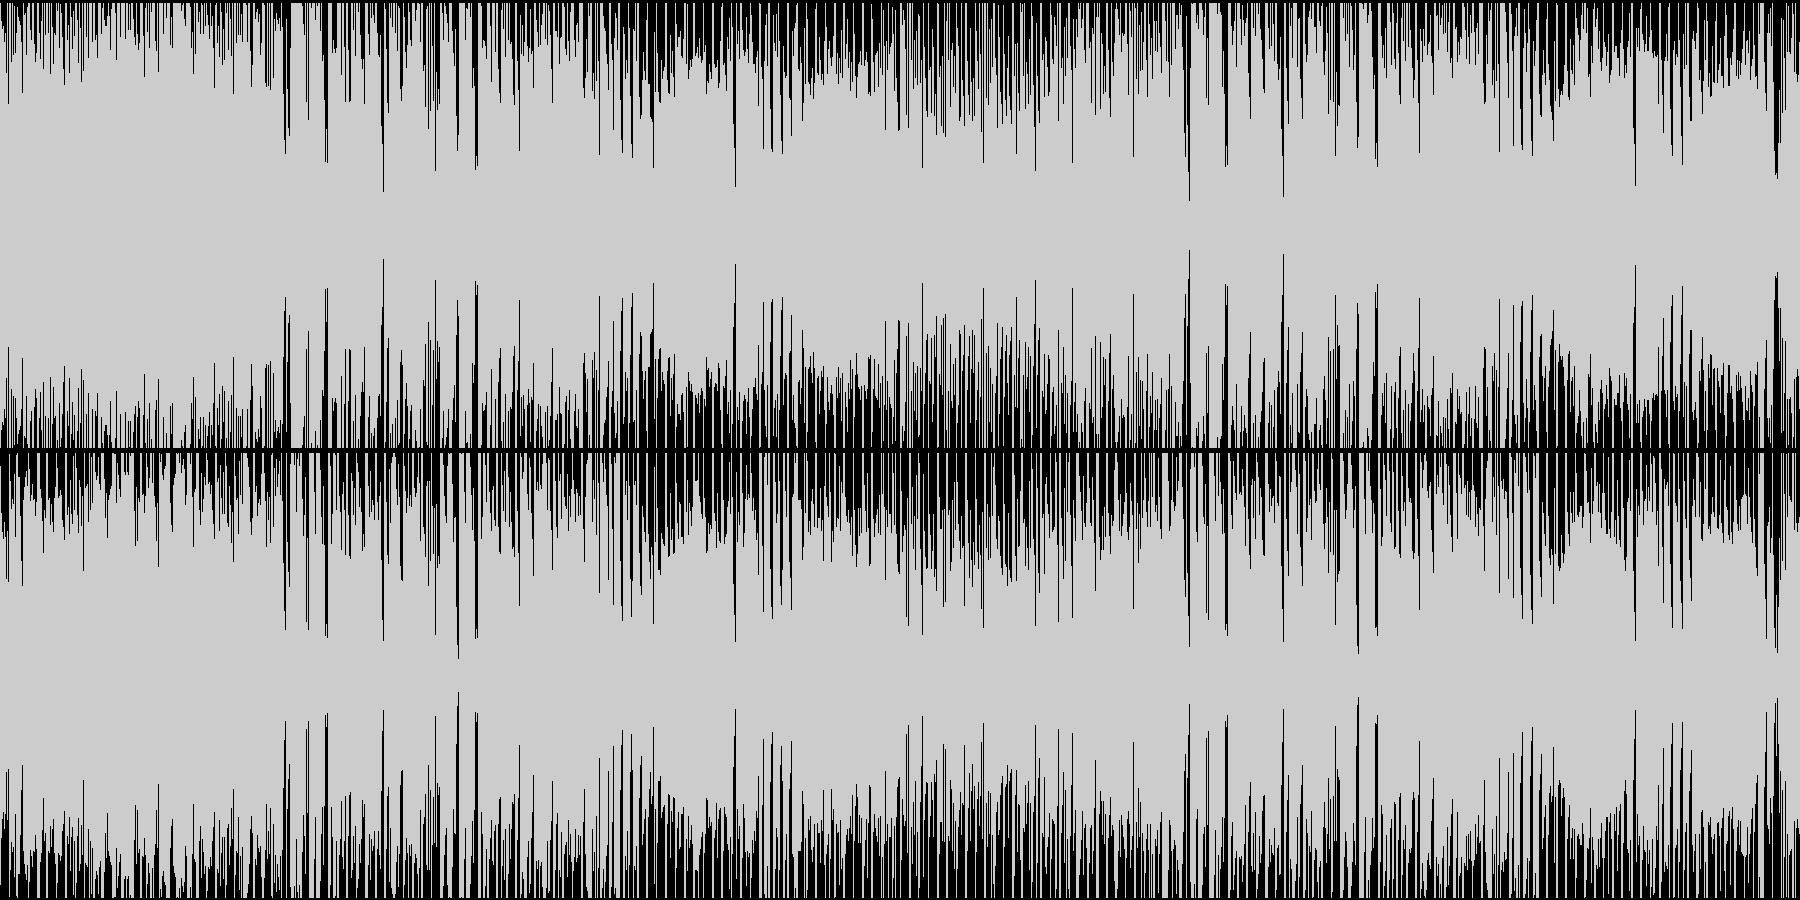 ポップで可愛いおしゃれな日常系BGMの未再生の波形